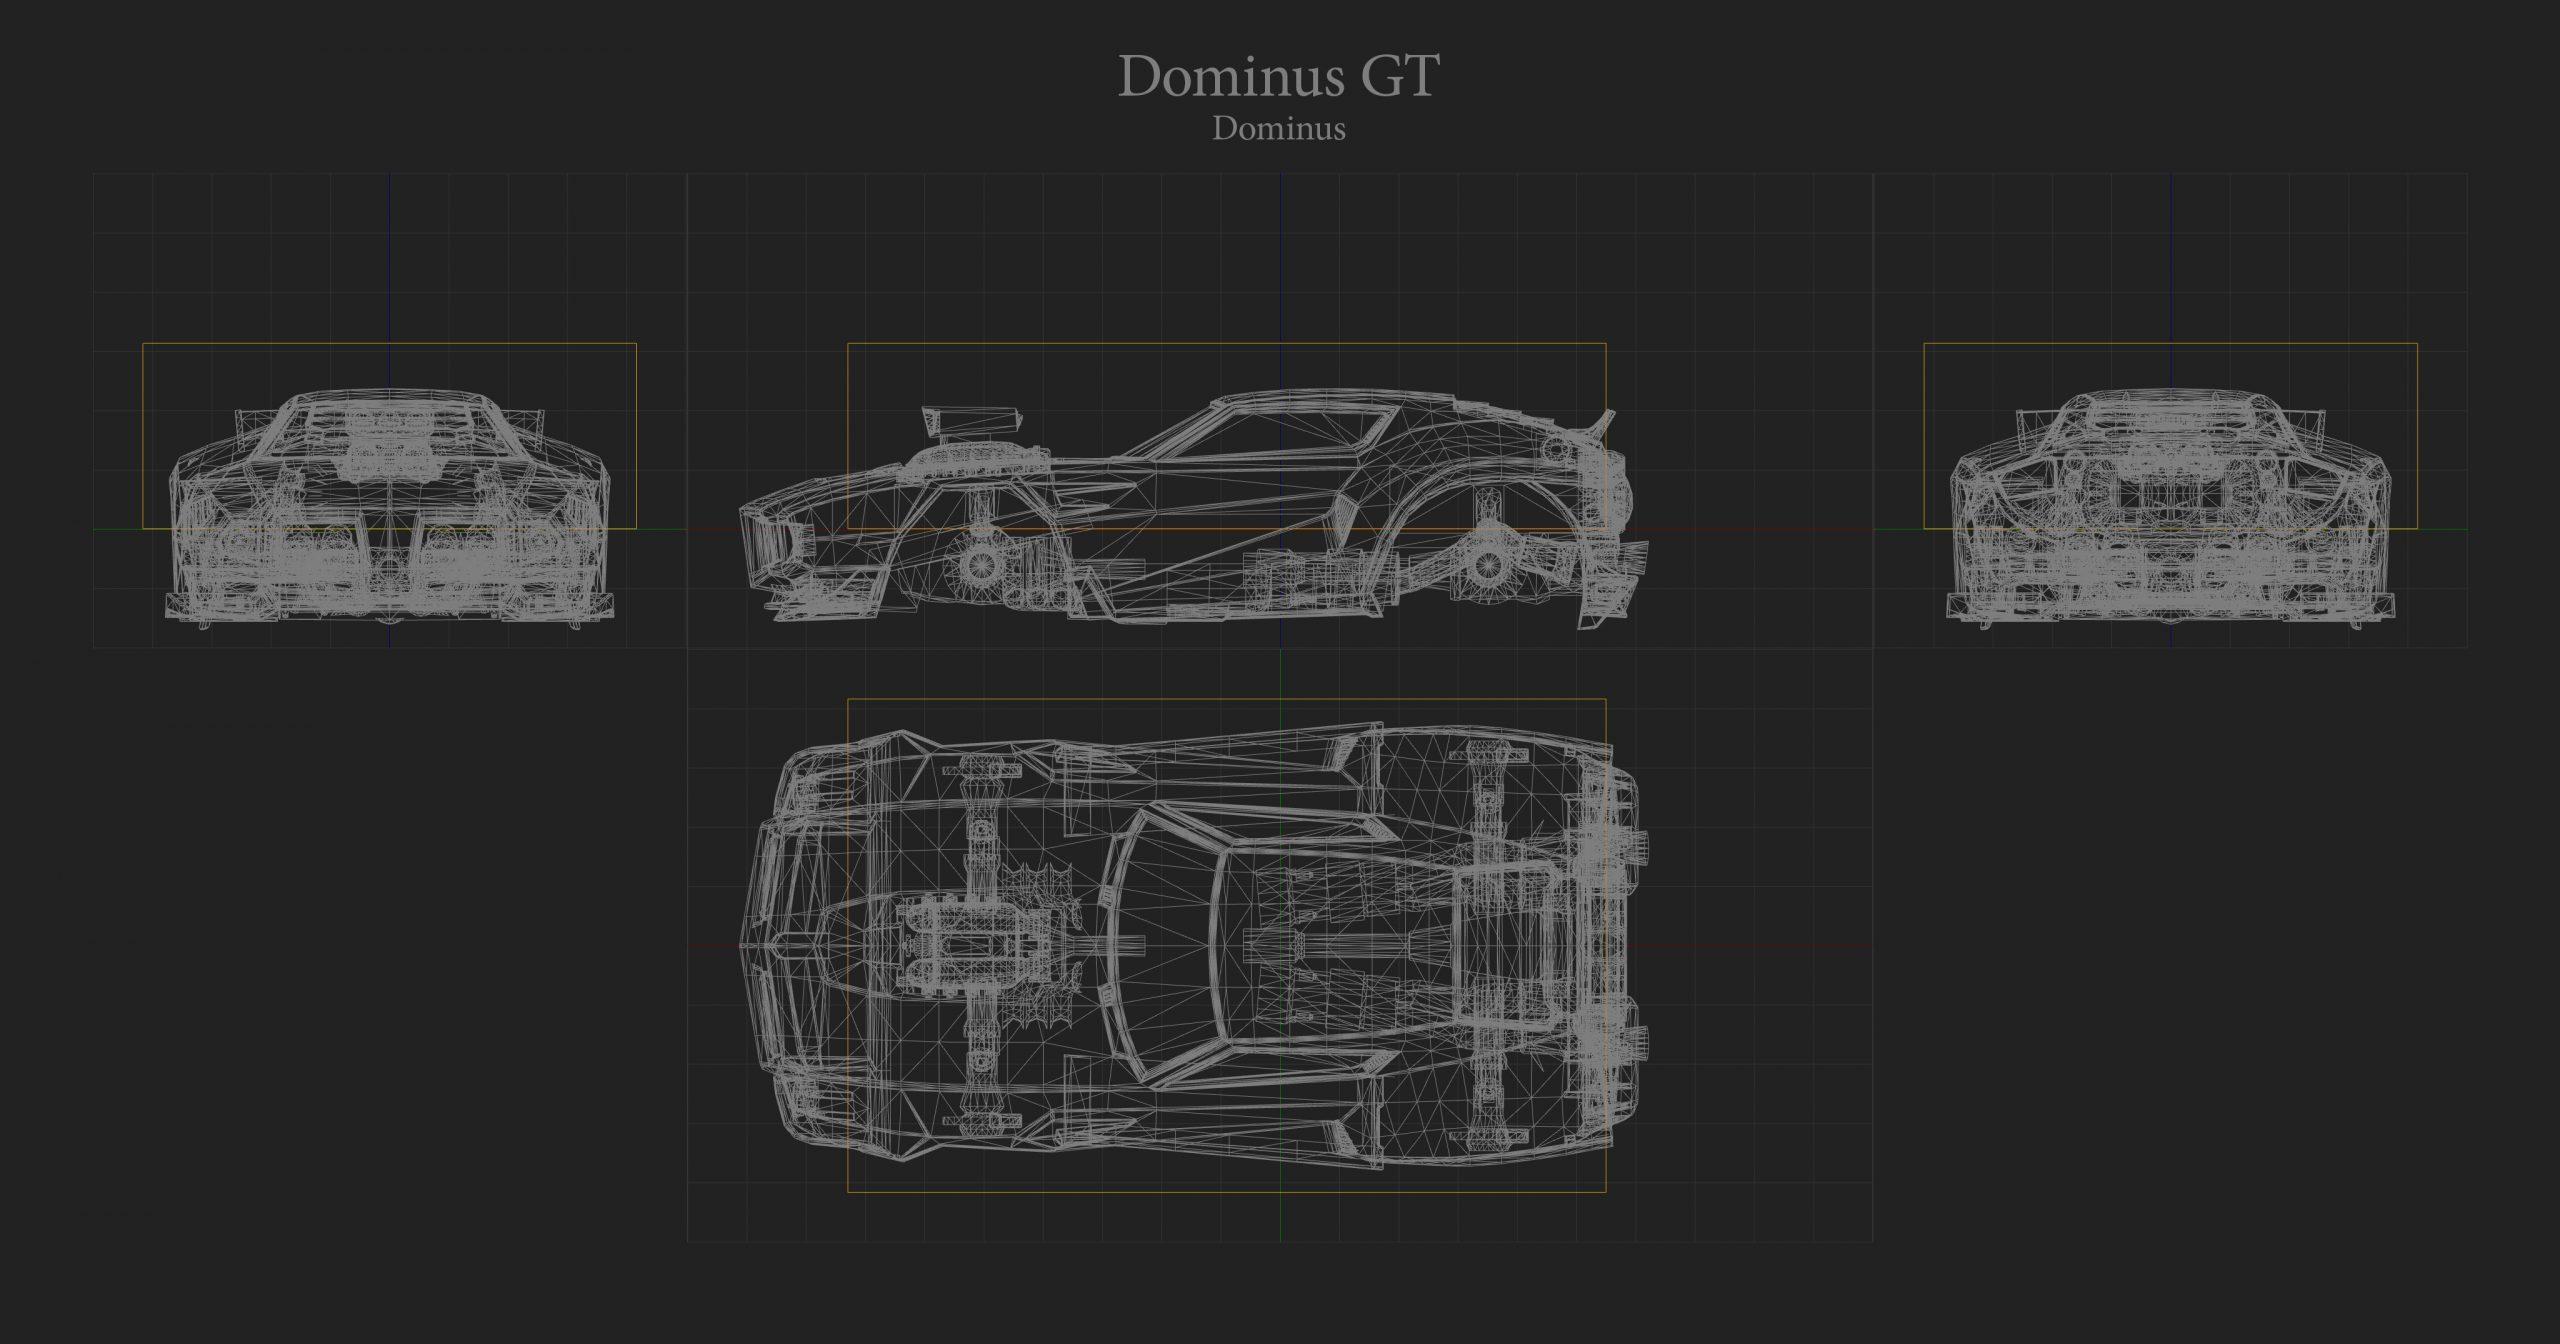 Dominus GT Hitbox Rocket League